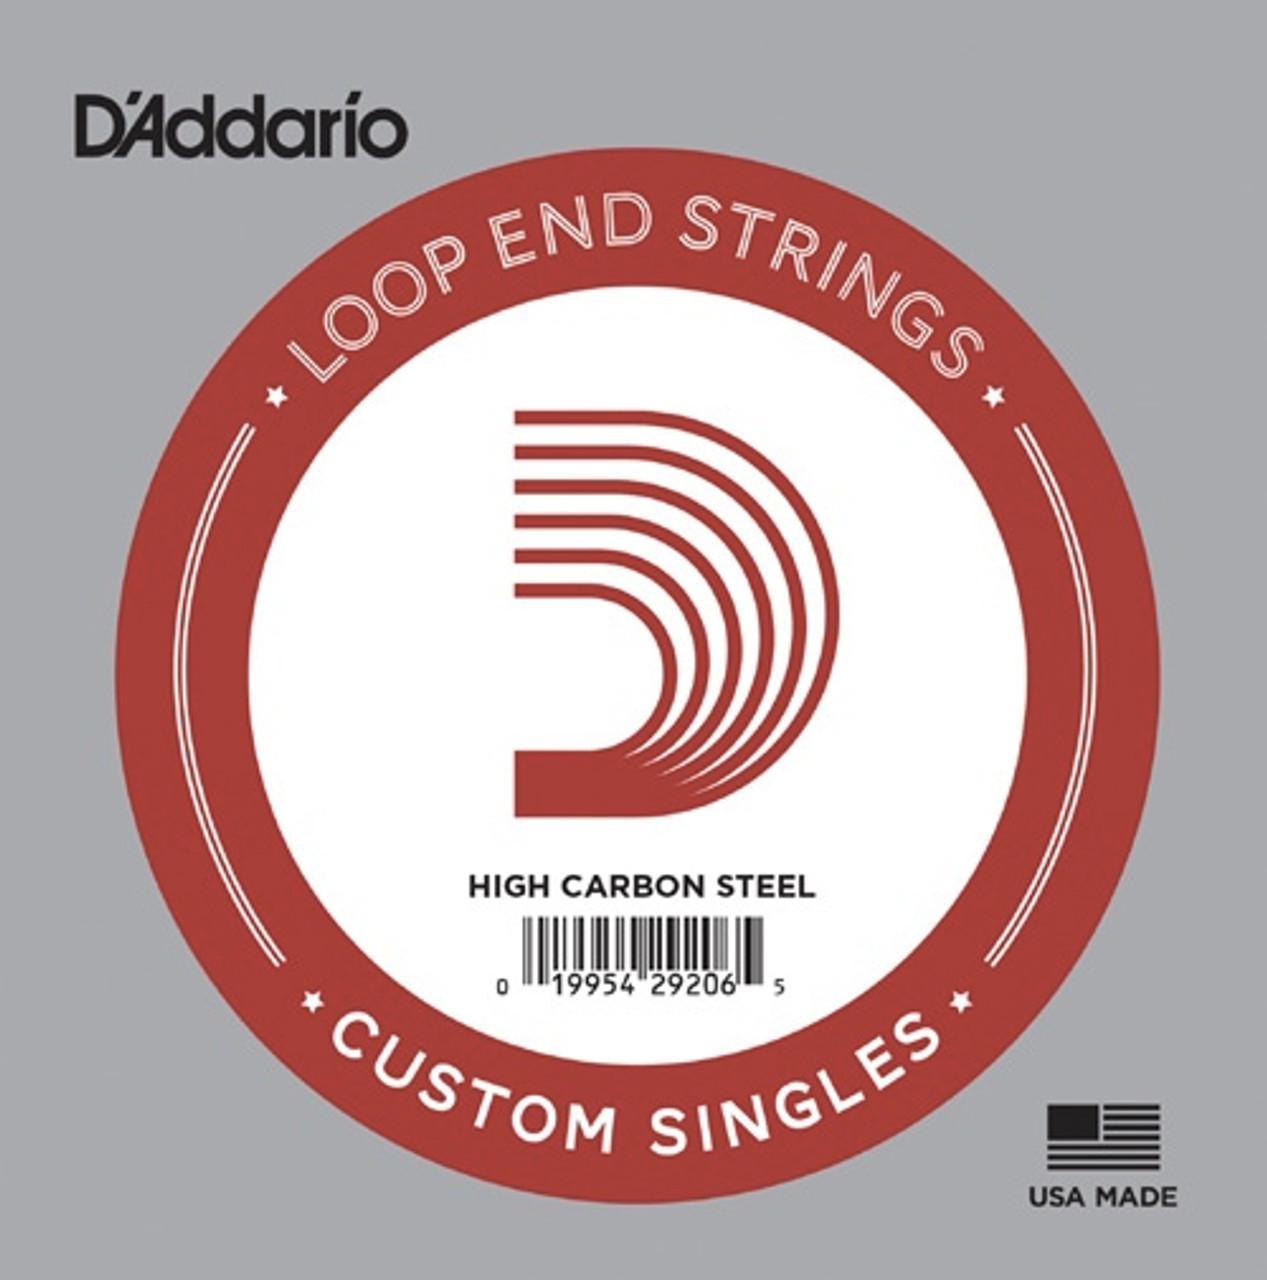 D'Addario Plain Loop End Single Strings